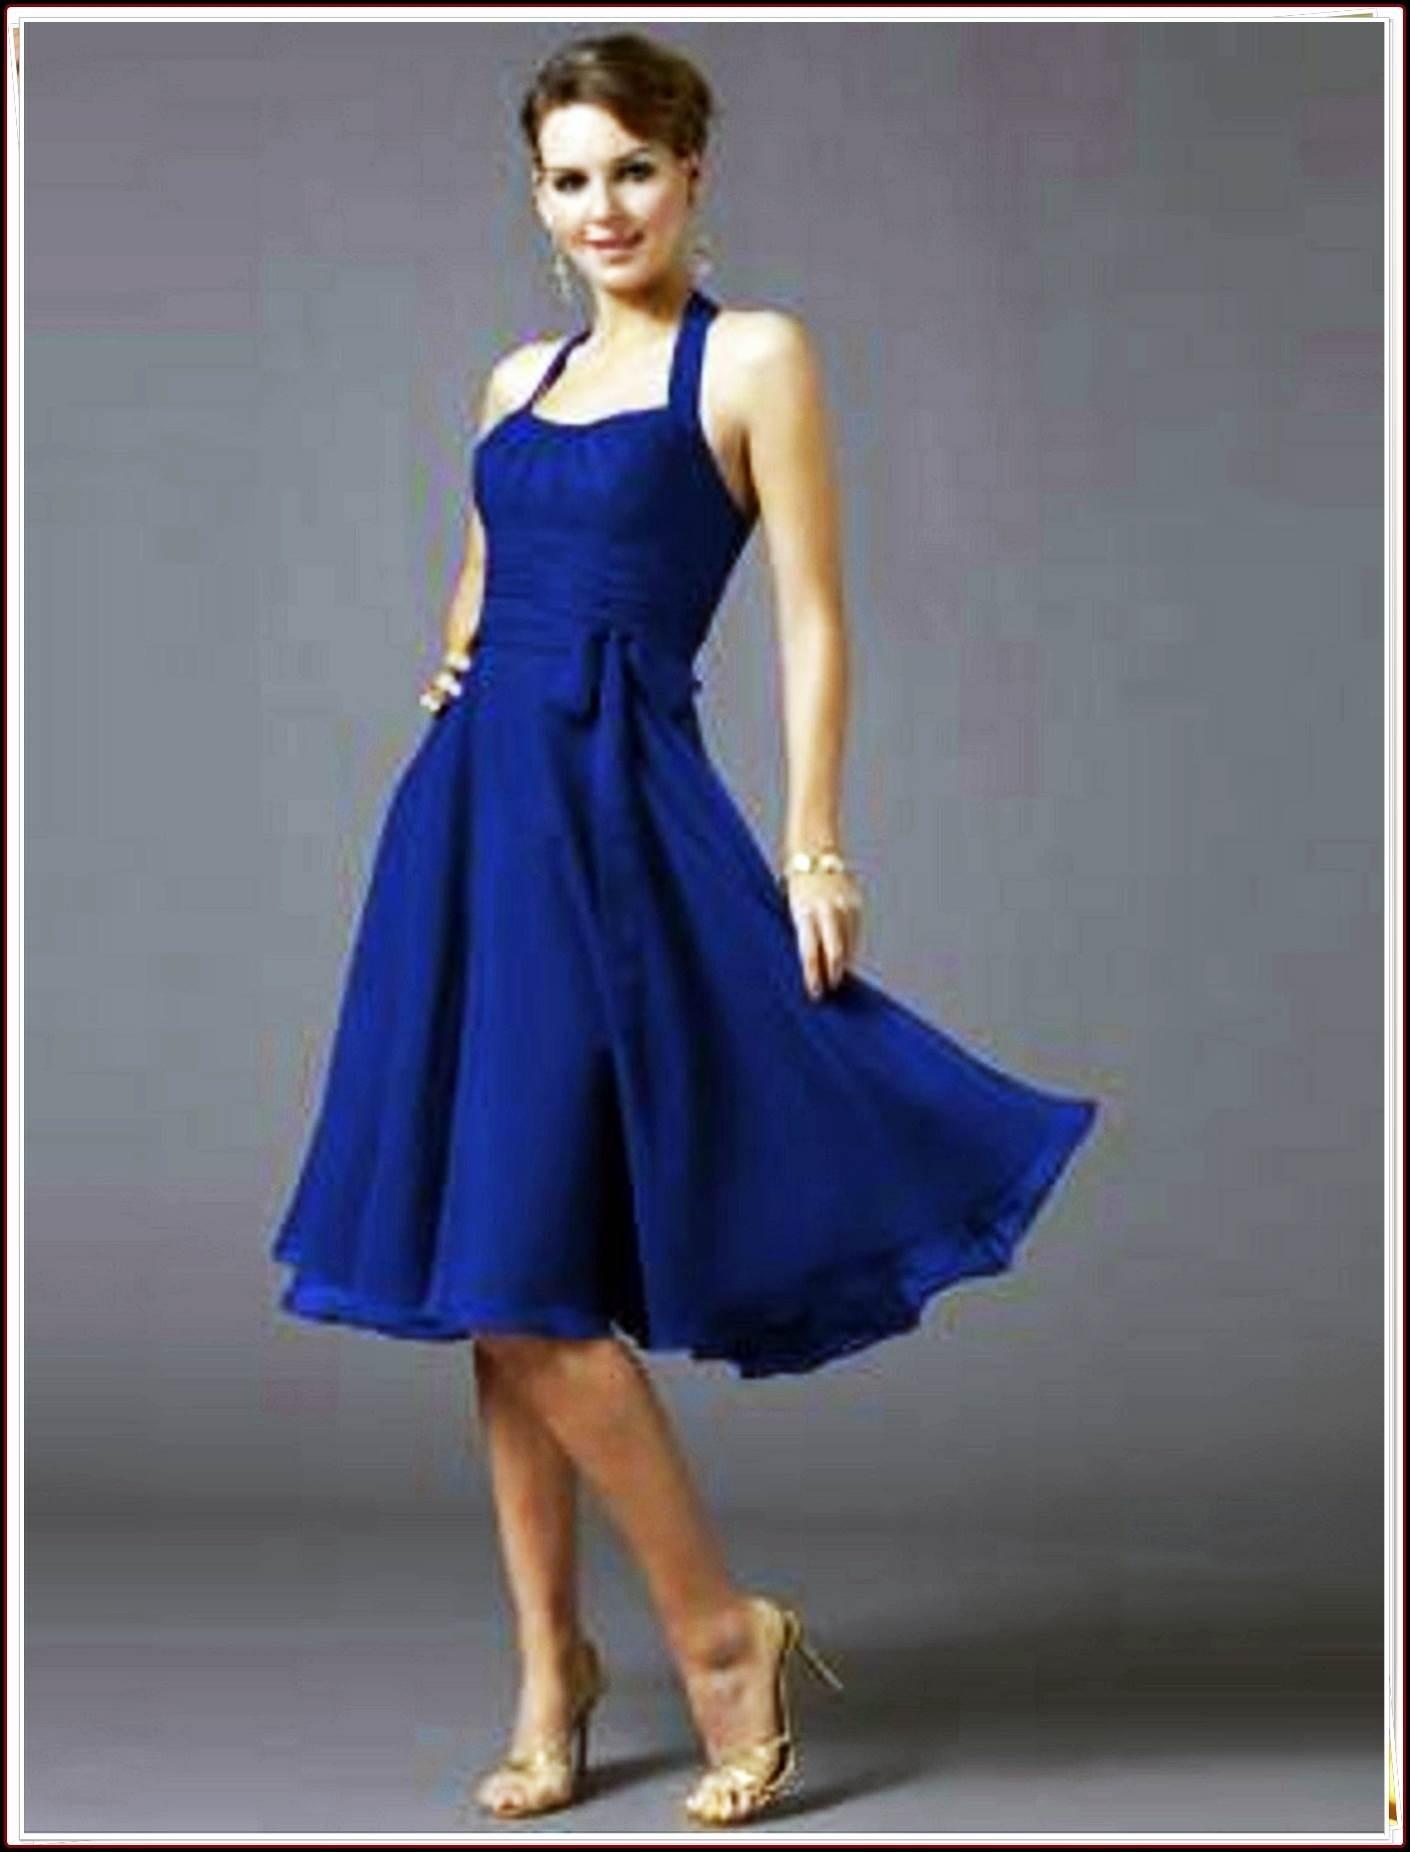 17 Leicht Blaues Kleid Hochzeit Für 2019 - Abendkleid